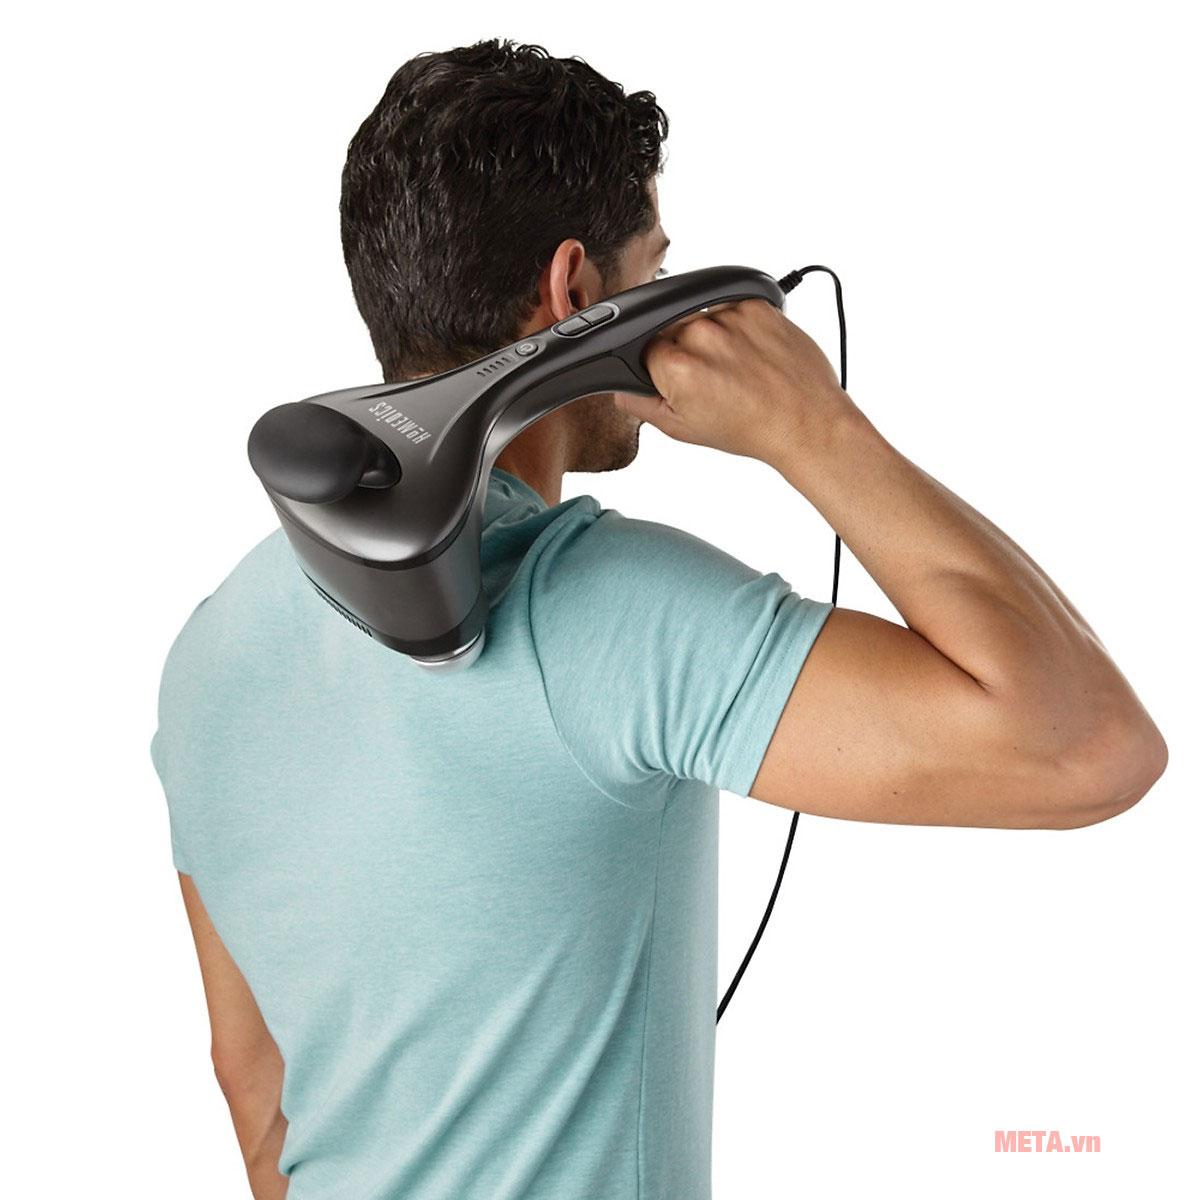 Máy massage 2 đầu nóng lạnh HoMedics HHP-500H giúp thư giãn tuyệt vời